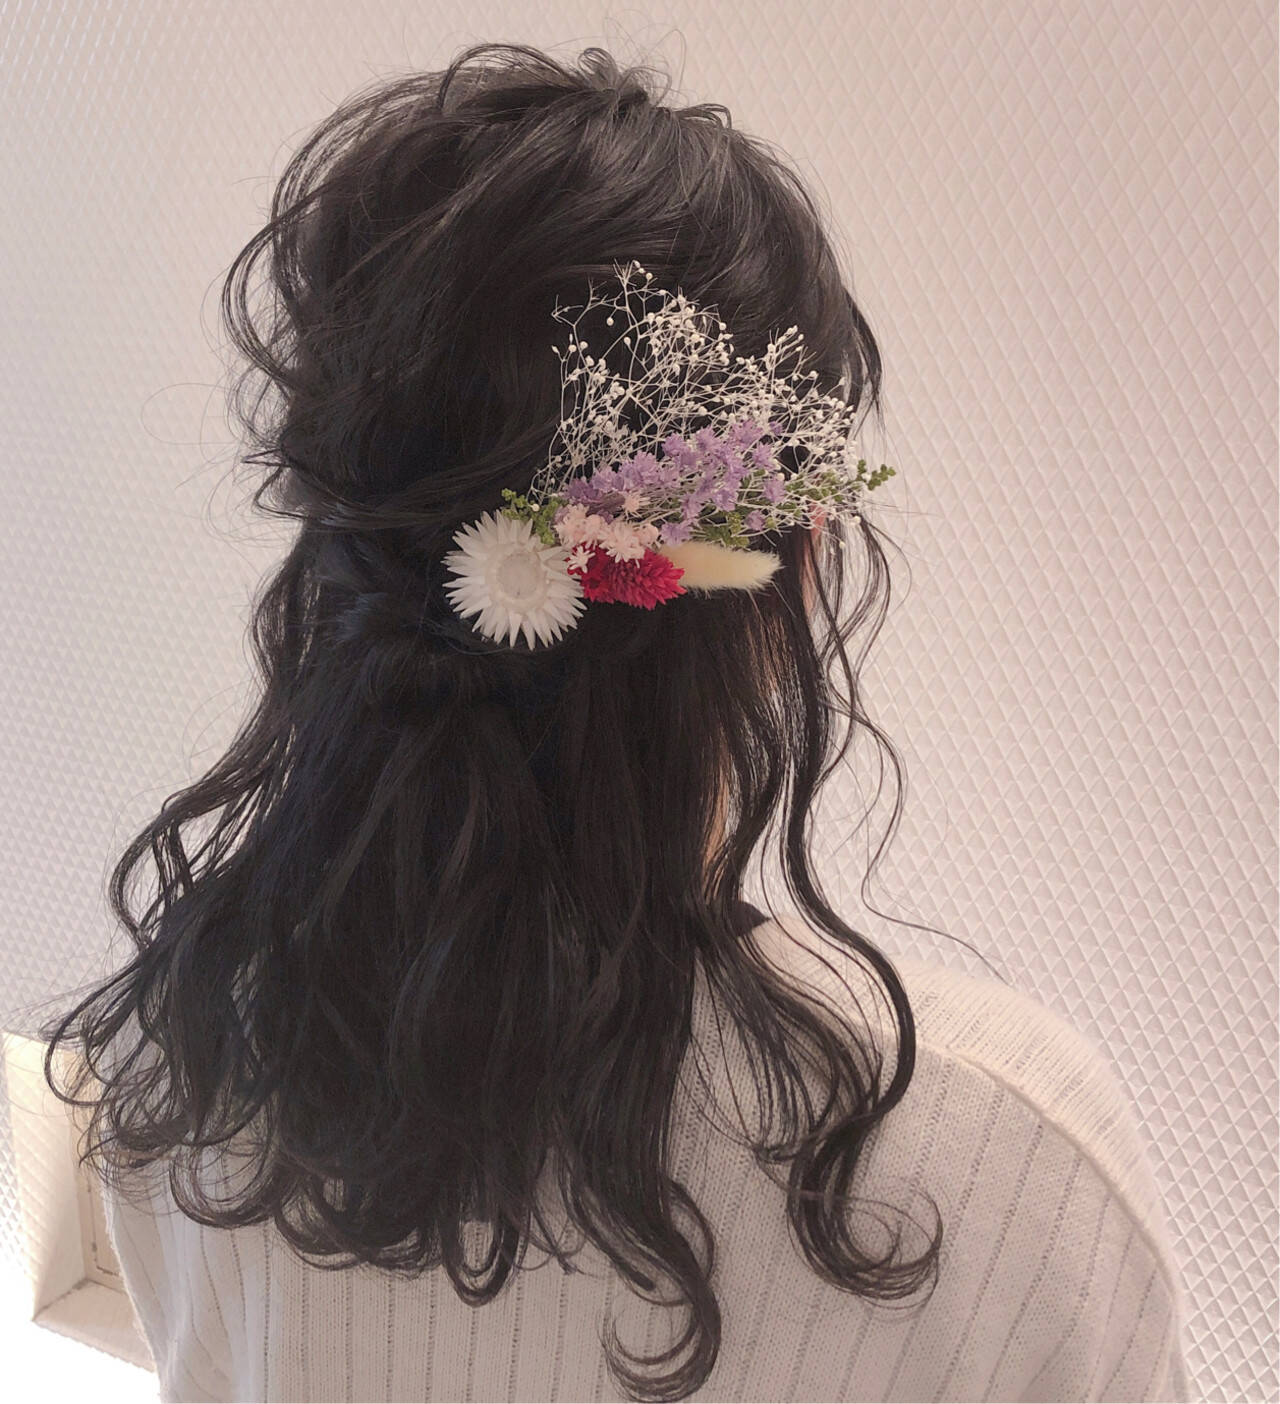 ヘアアレンジ ヘアセット フェミニン 結婚式ヘアアレンジヘアスタイルや髪型の写真・画像